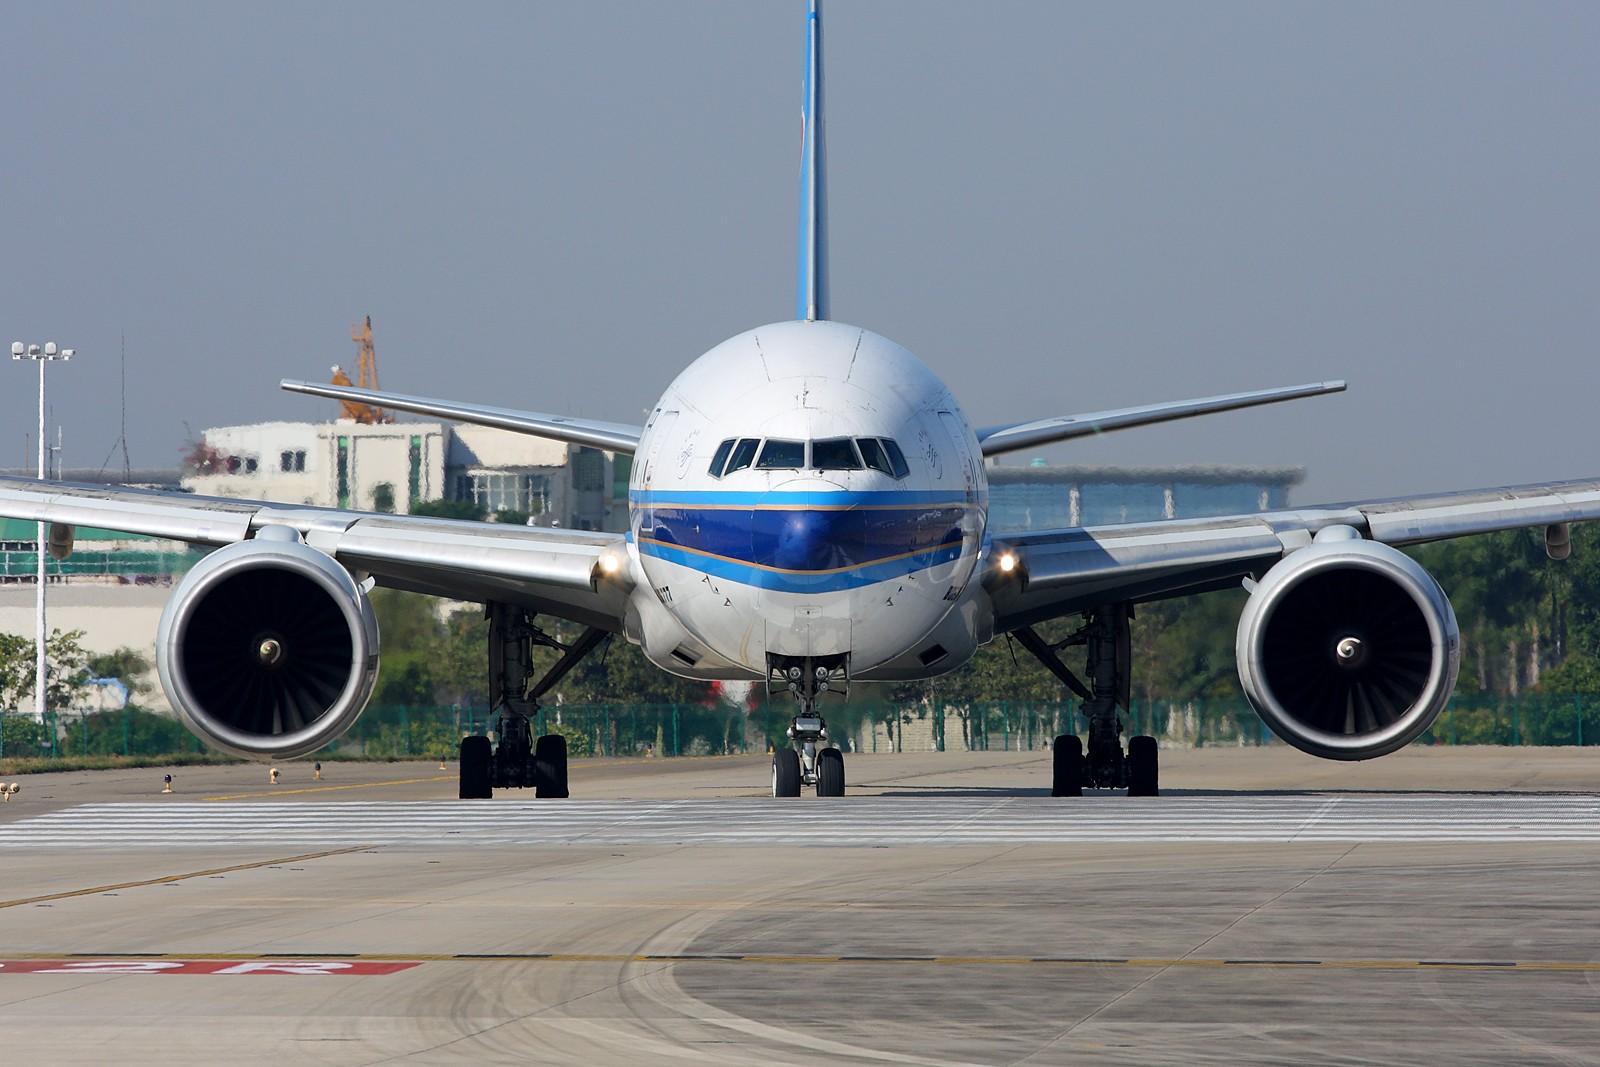 Re:[原创]2011年第一贴!来势汹汹向我冲过来,与它面对面,双方互相对持!1600×1067 BOEING 777-200 B-2051 中国广州白云机场